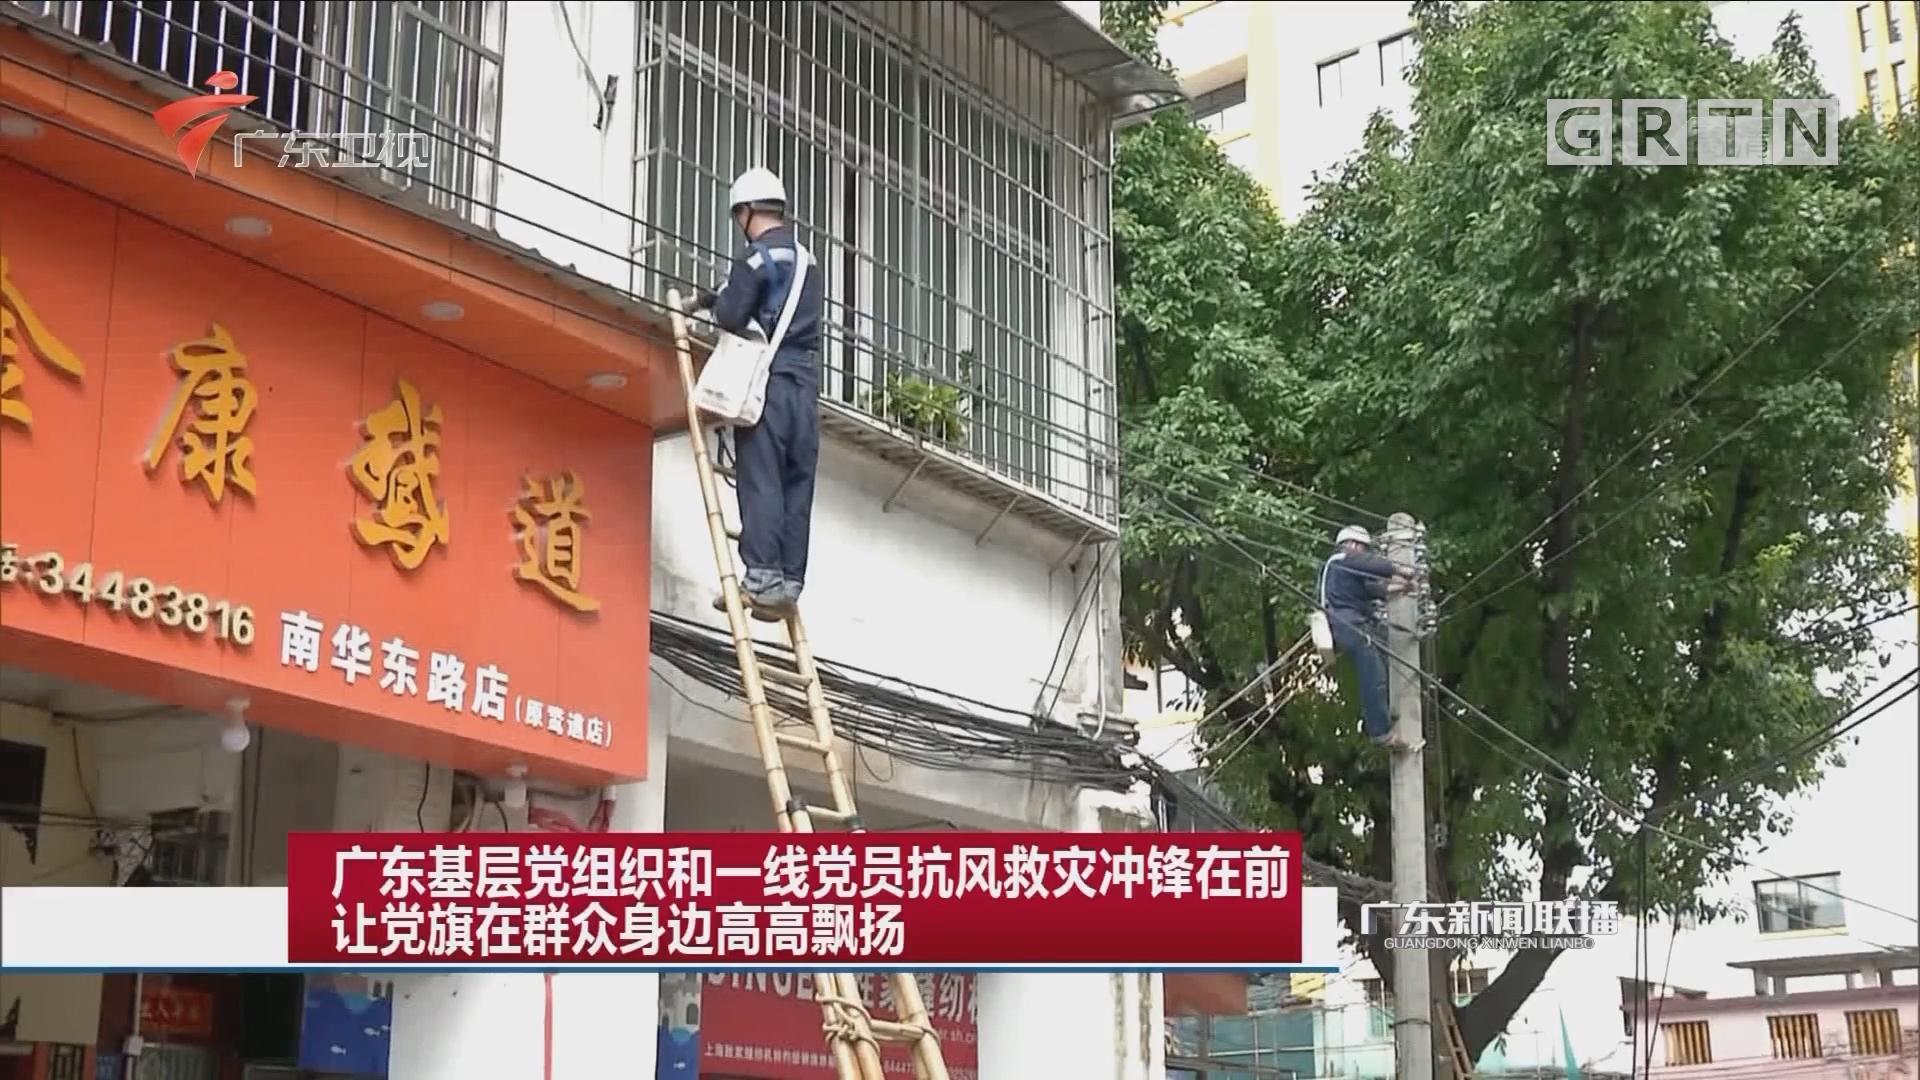 广东基层党组织和一线党员抗风救灾冲锋在前 让党旗在群众身边高高飘扬